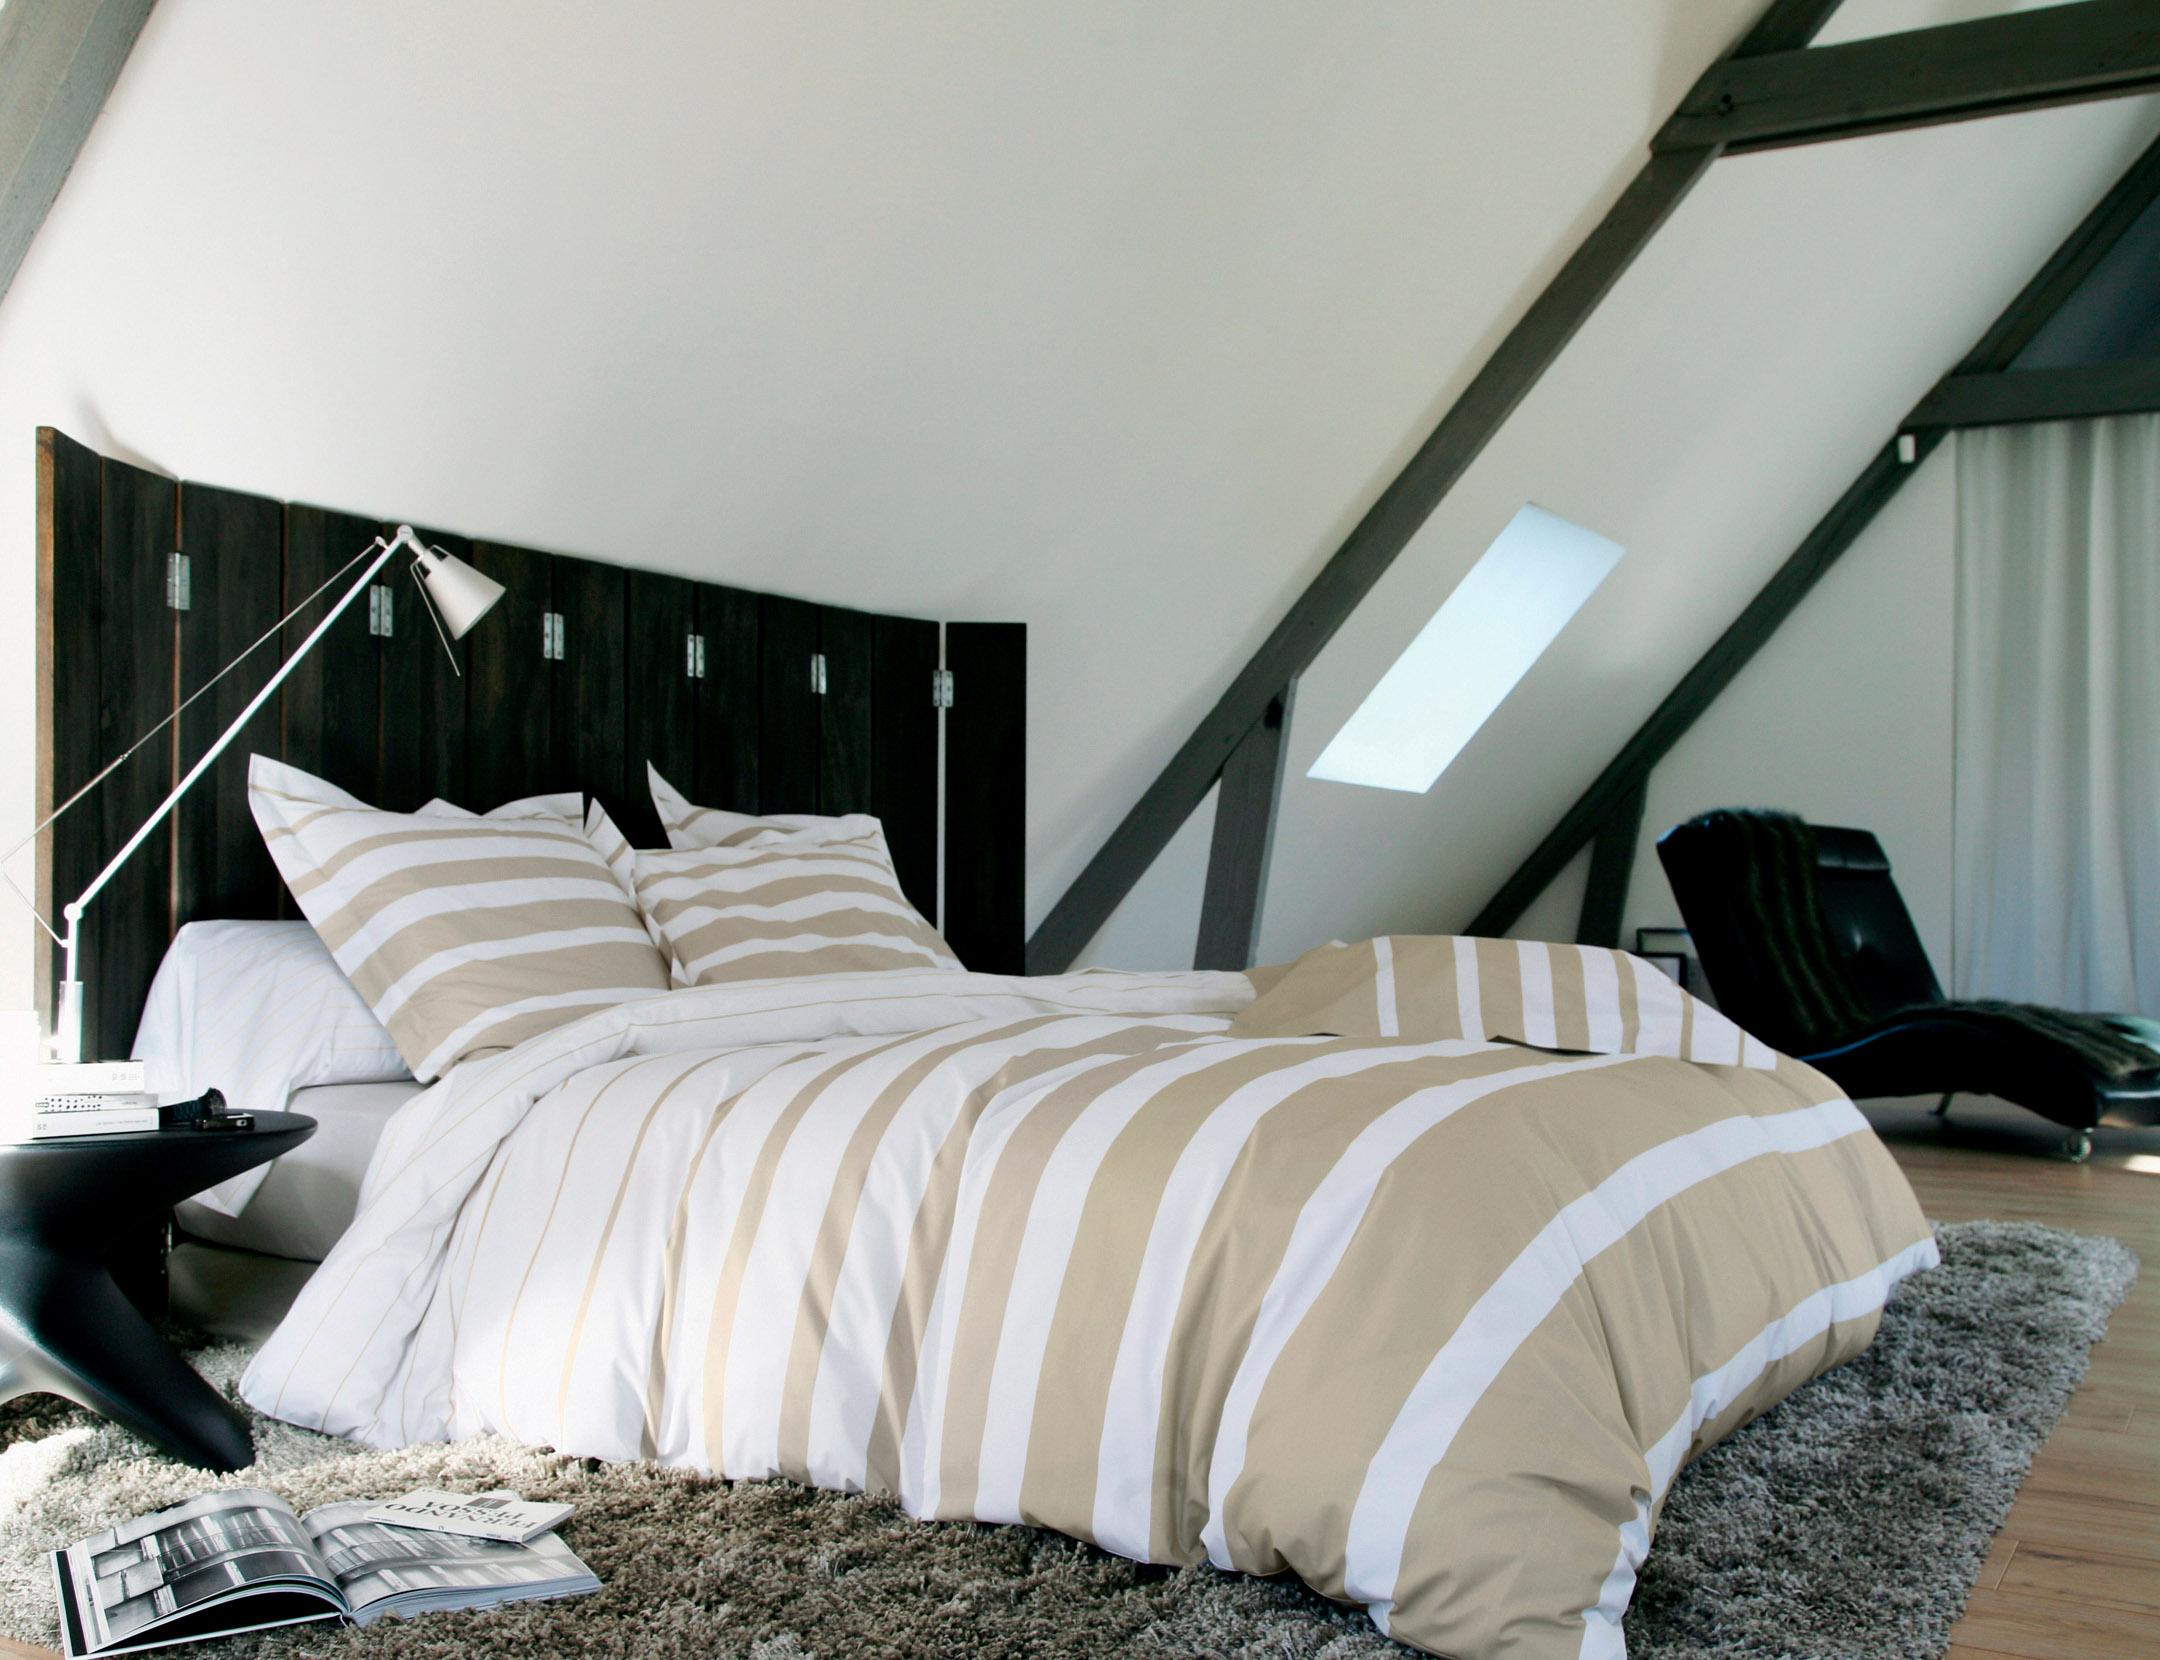 grand large housse de couette la boutique blanc des vosges. Black Bedroom Furniture Sets. Home Design Ideas